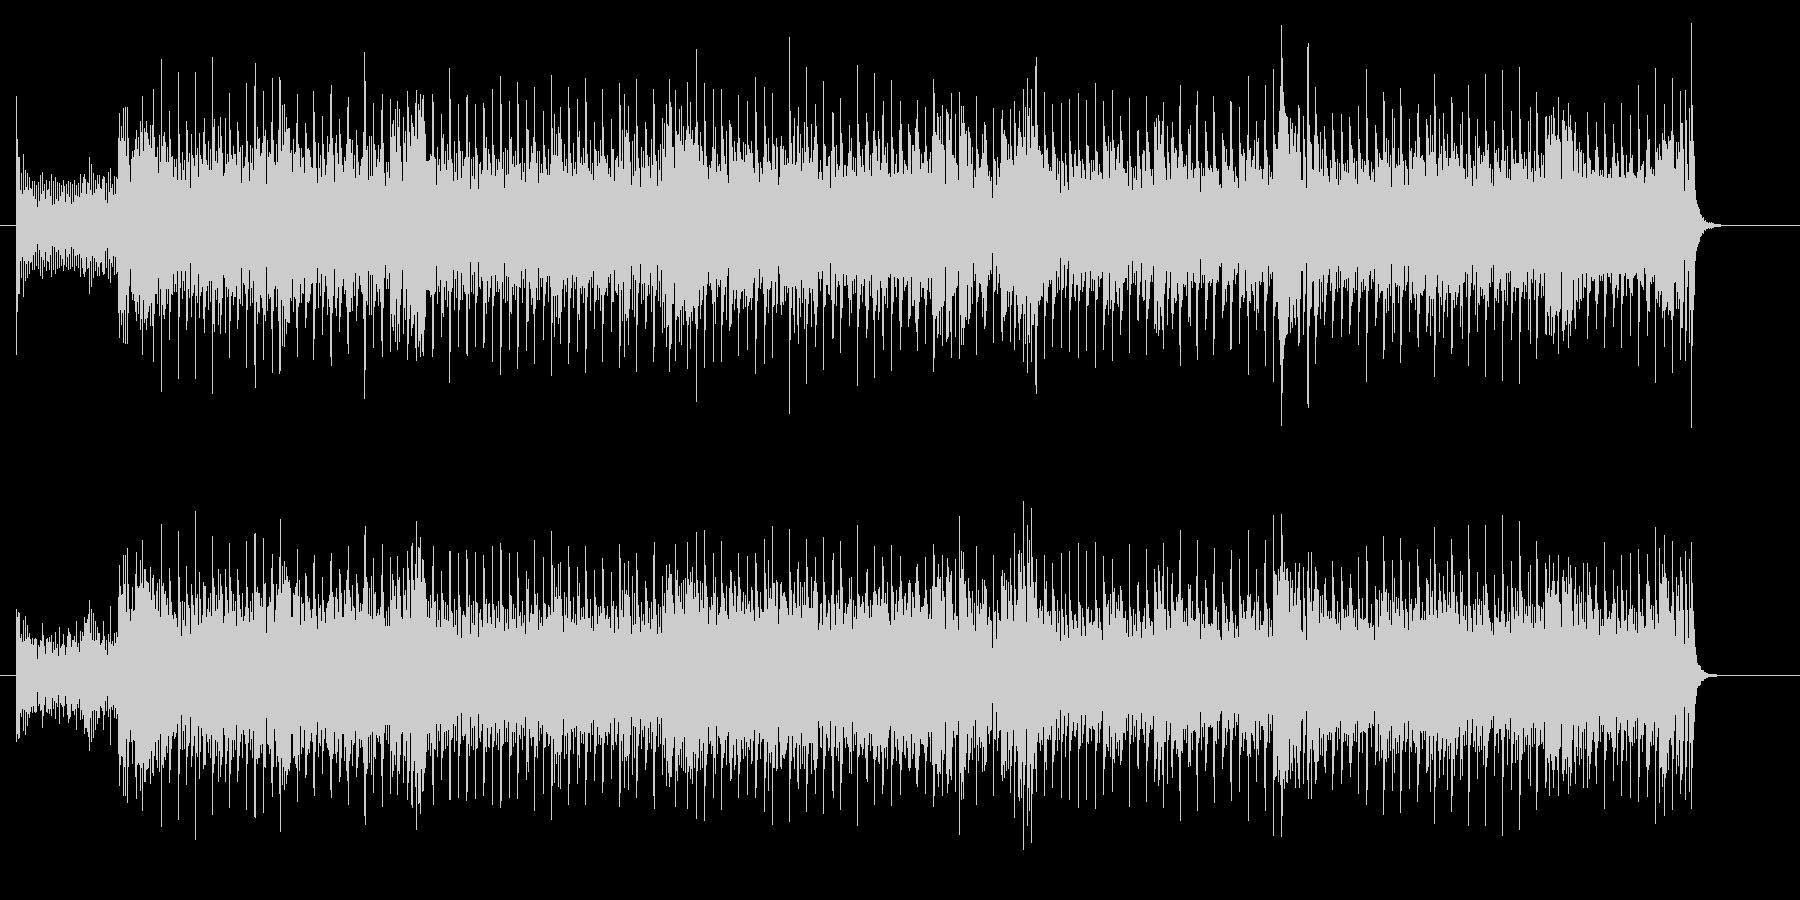 アップ・テンポなユーロ・サウンドの未再生の波形